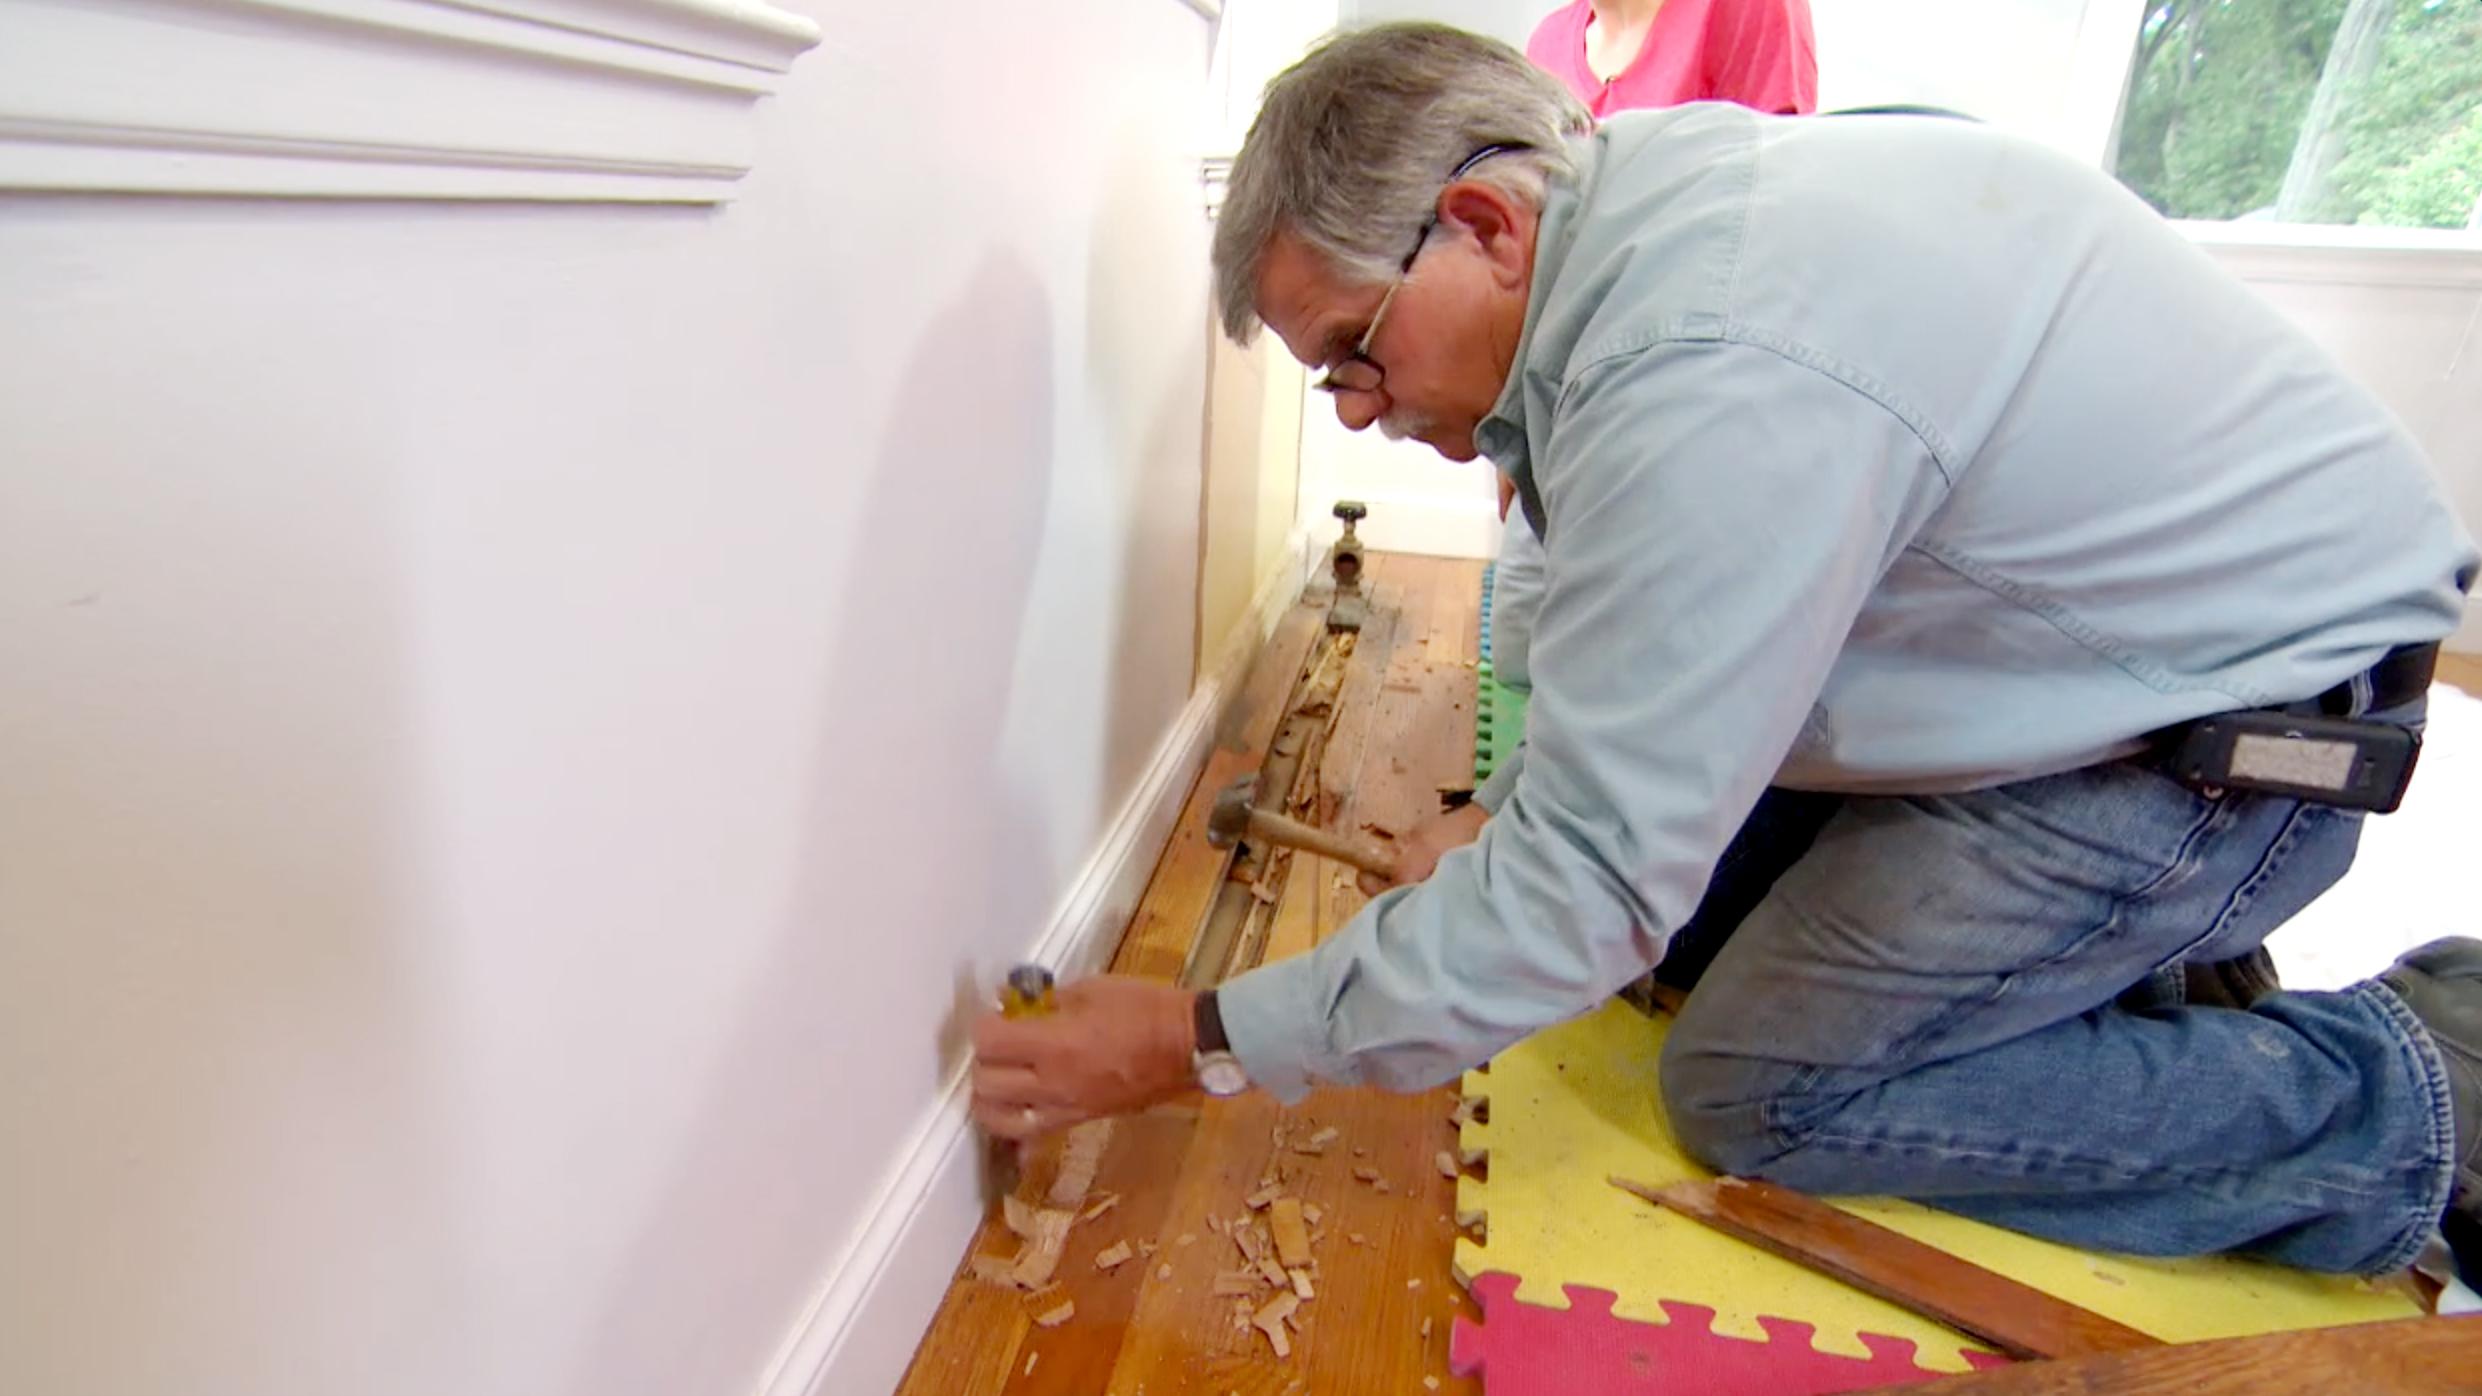 S9 E12, Tom Silva repairs tongue and groove flooring